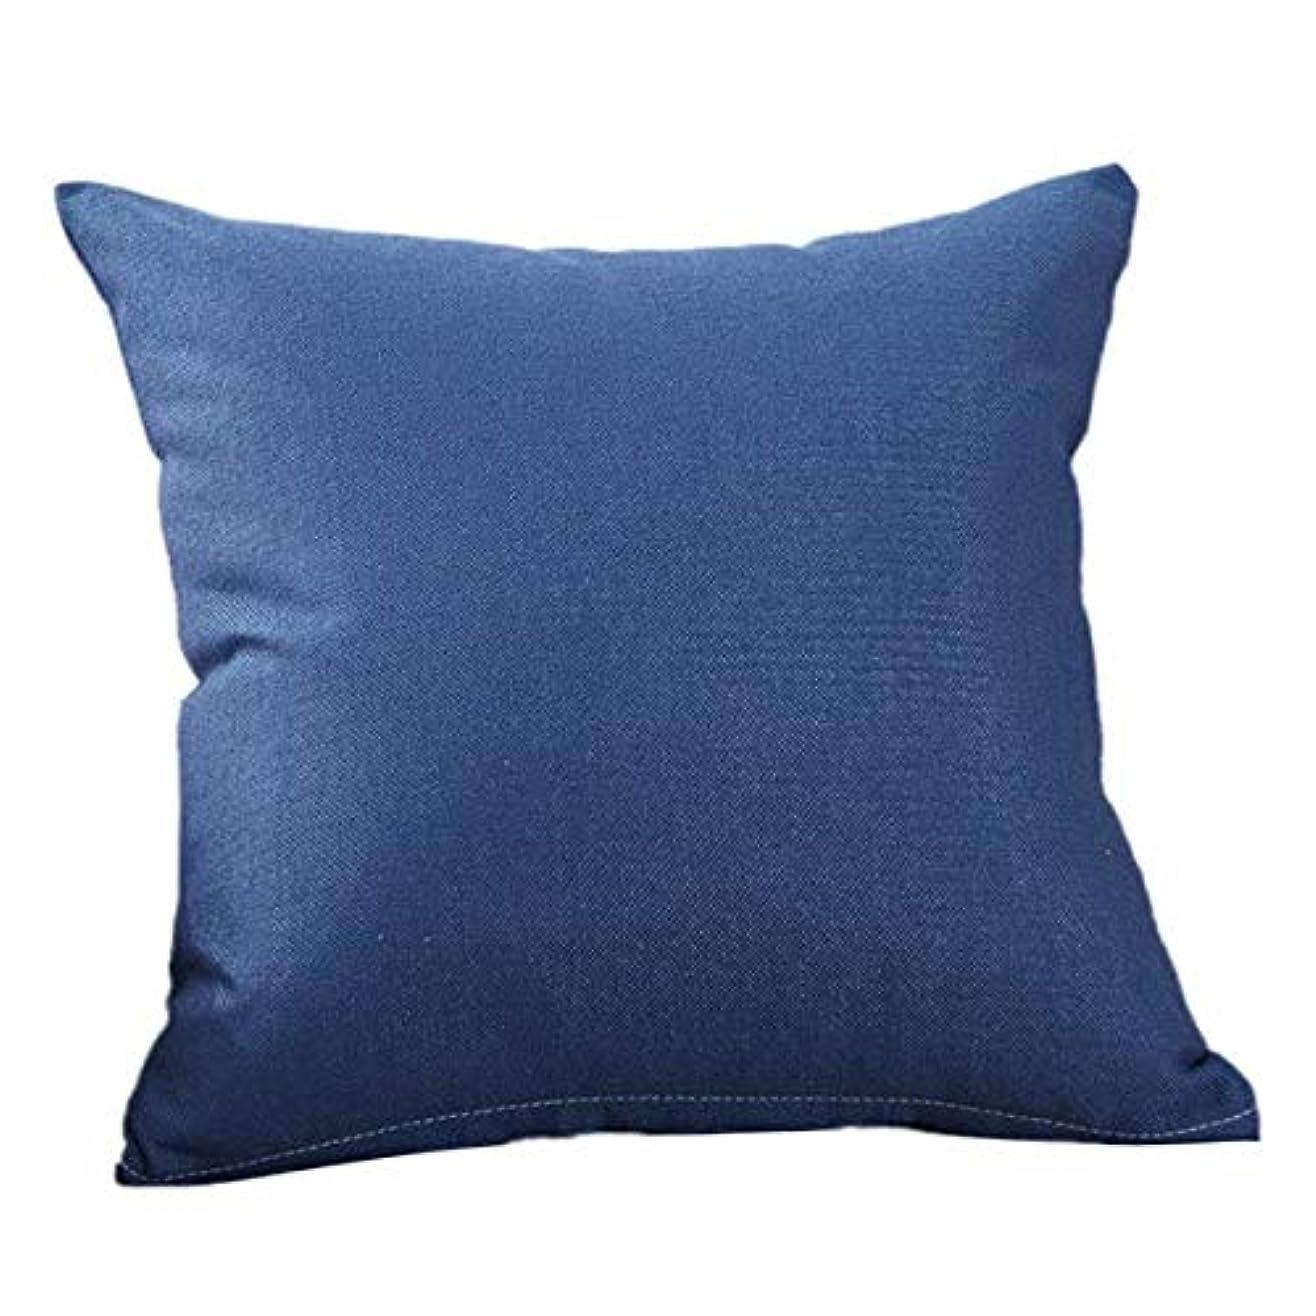 マーカー非互換不良品LIFE クリエイティブシンプルなファッションスロー枕クッションカフェソファクッションのホームインテリア z0403# G20 クッション 椅子